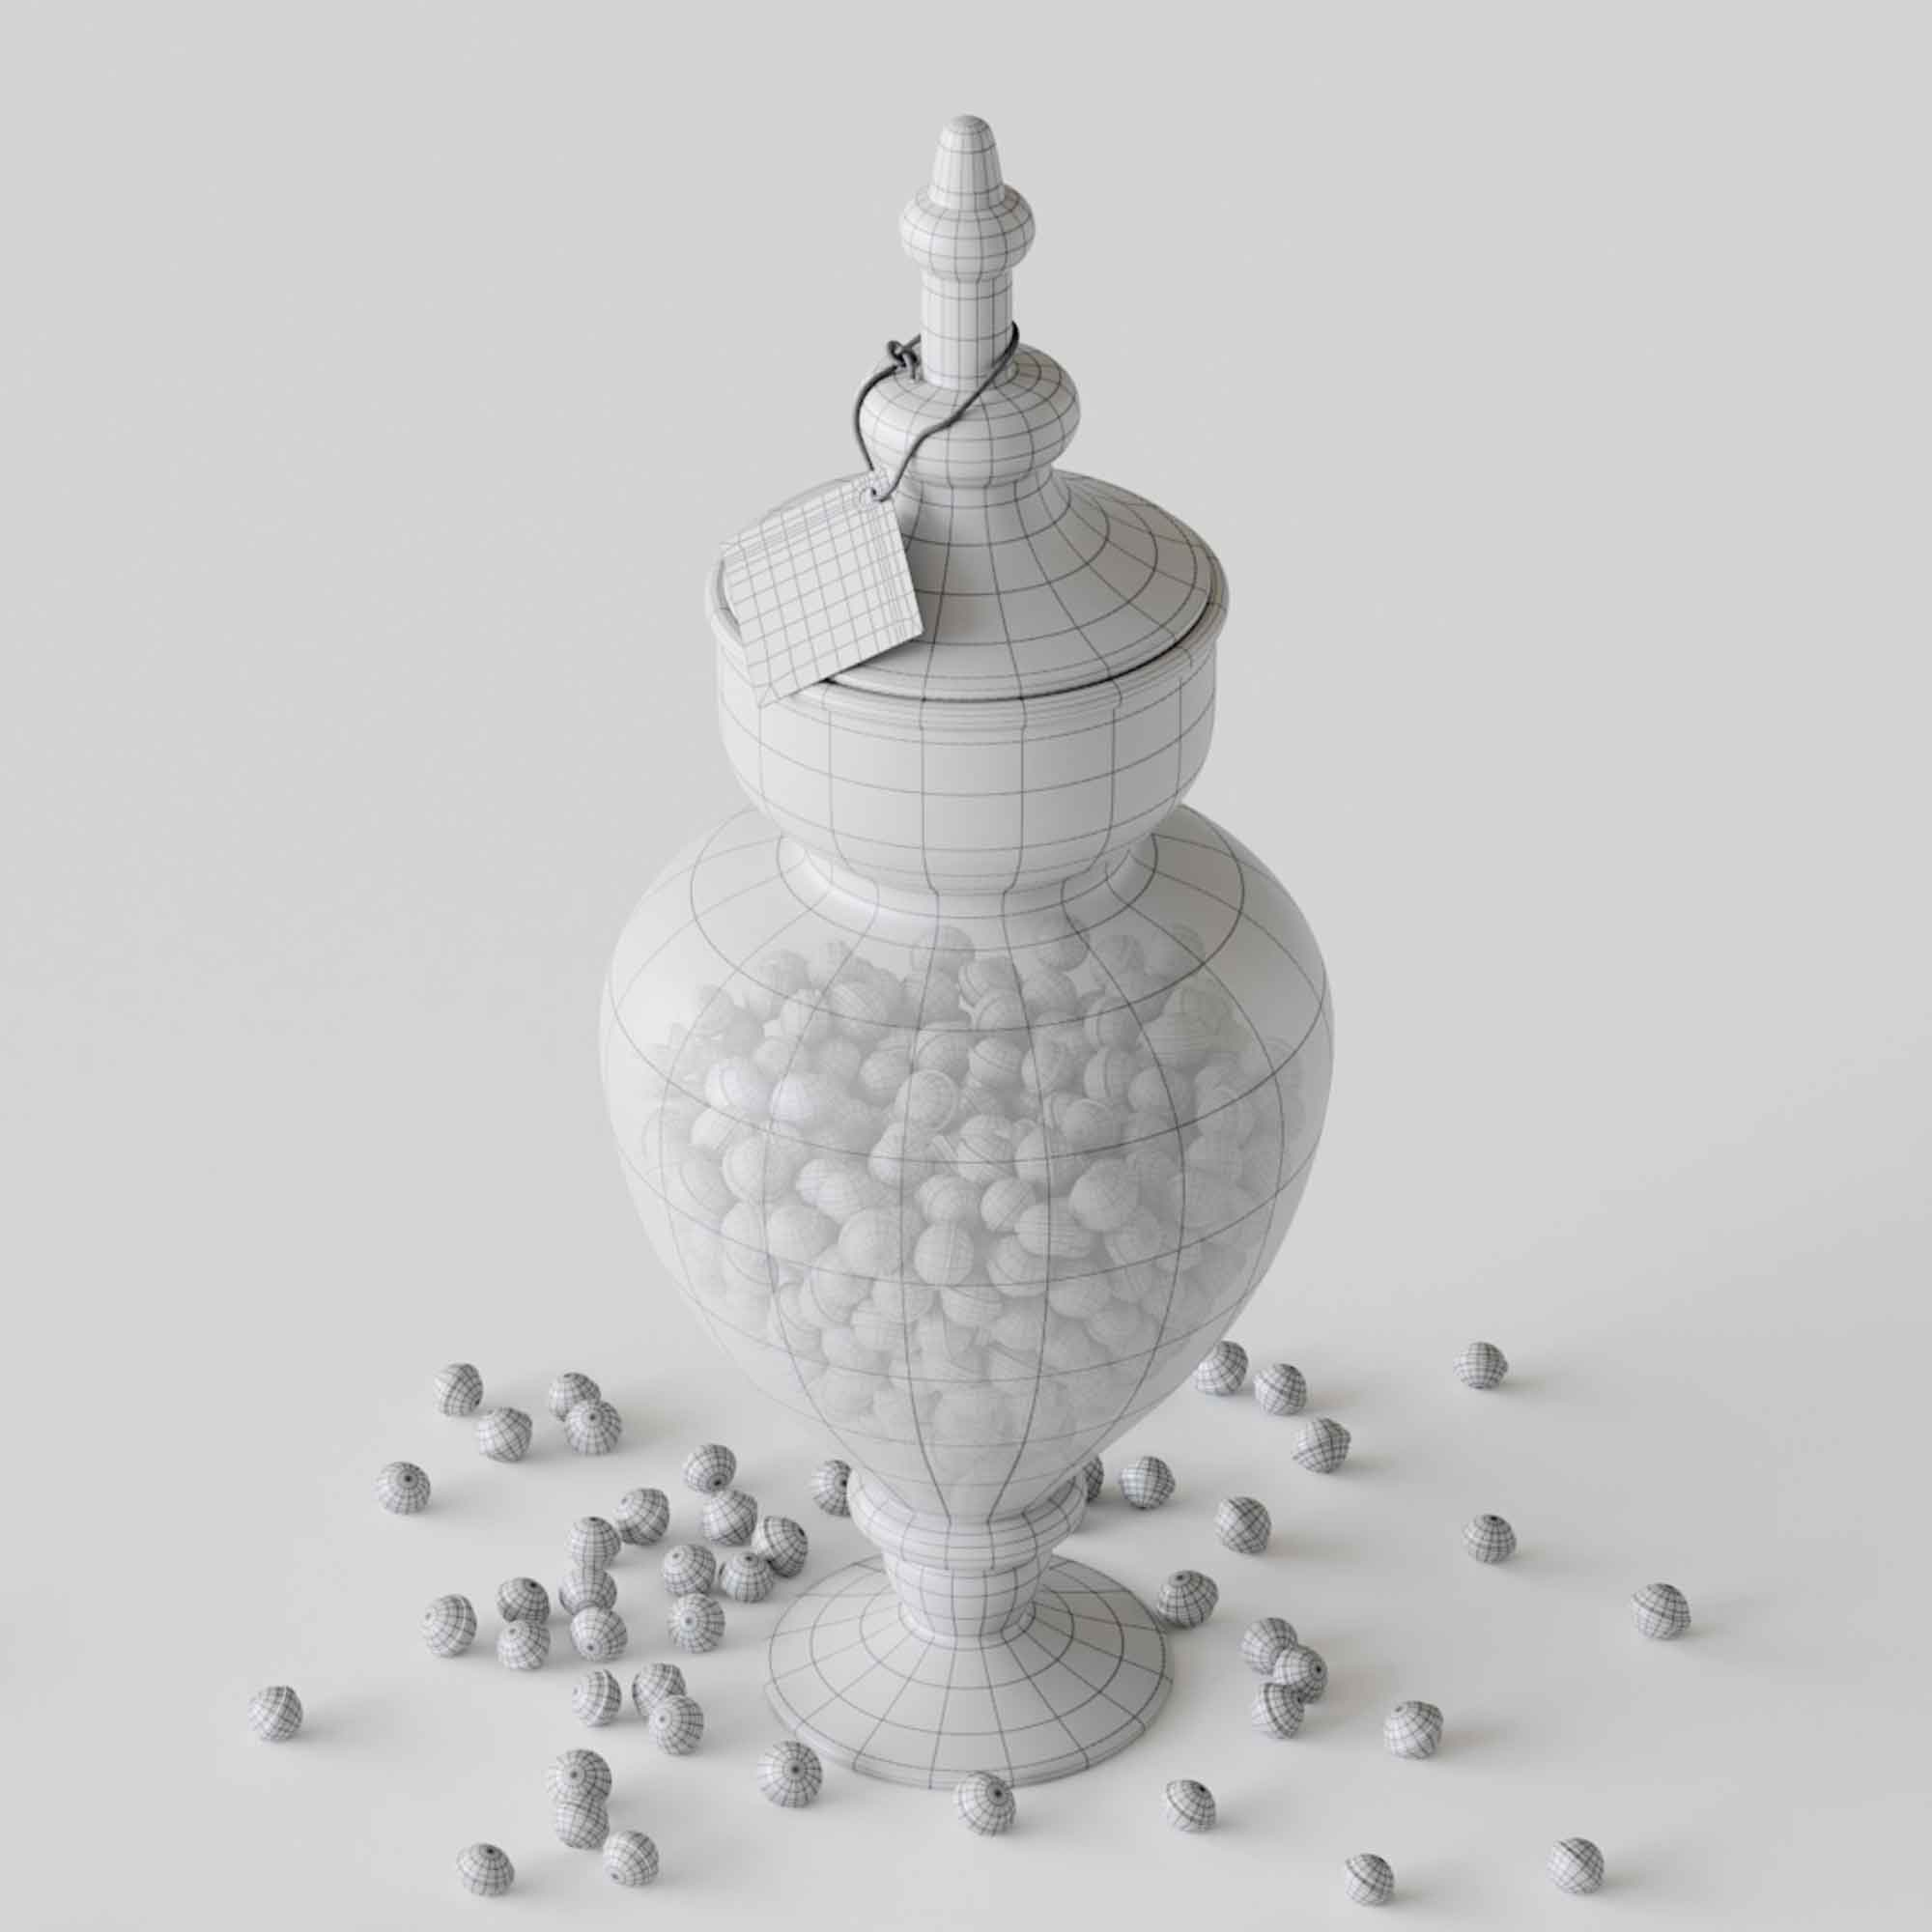 Candy in Jar 3D Model 2